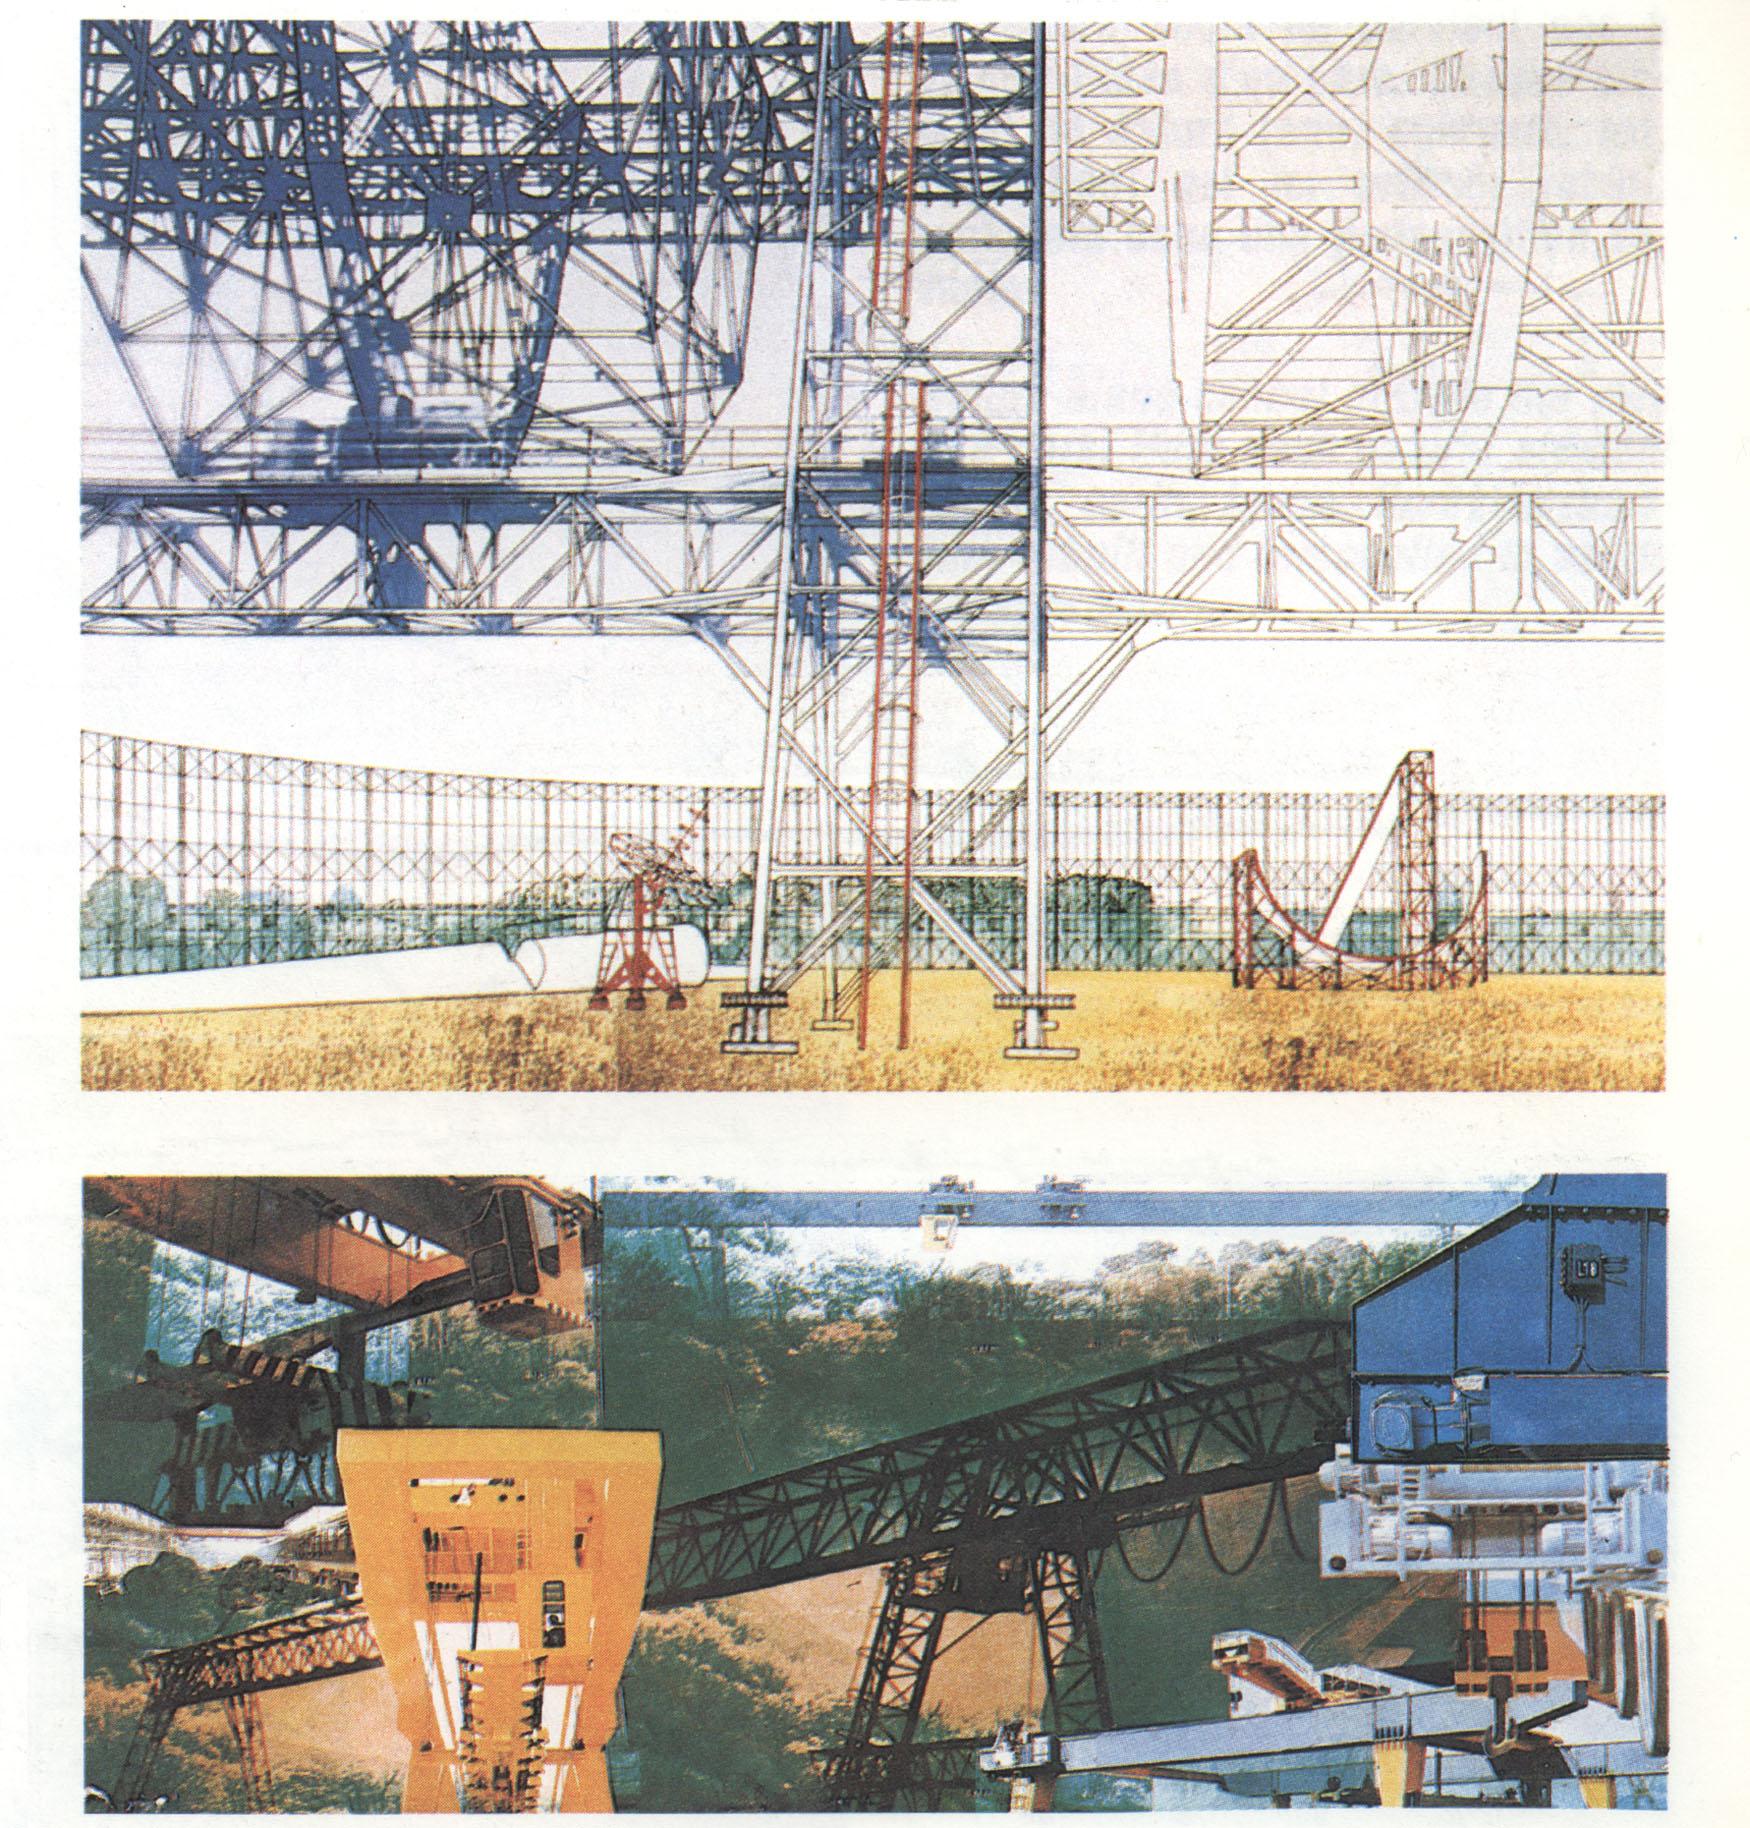 oma parc de la villette diagram trailer wiring 7 way rv penccil paris